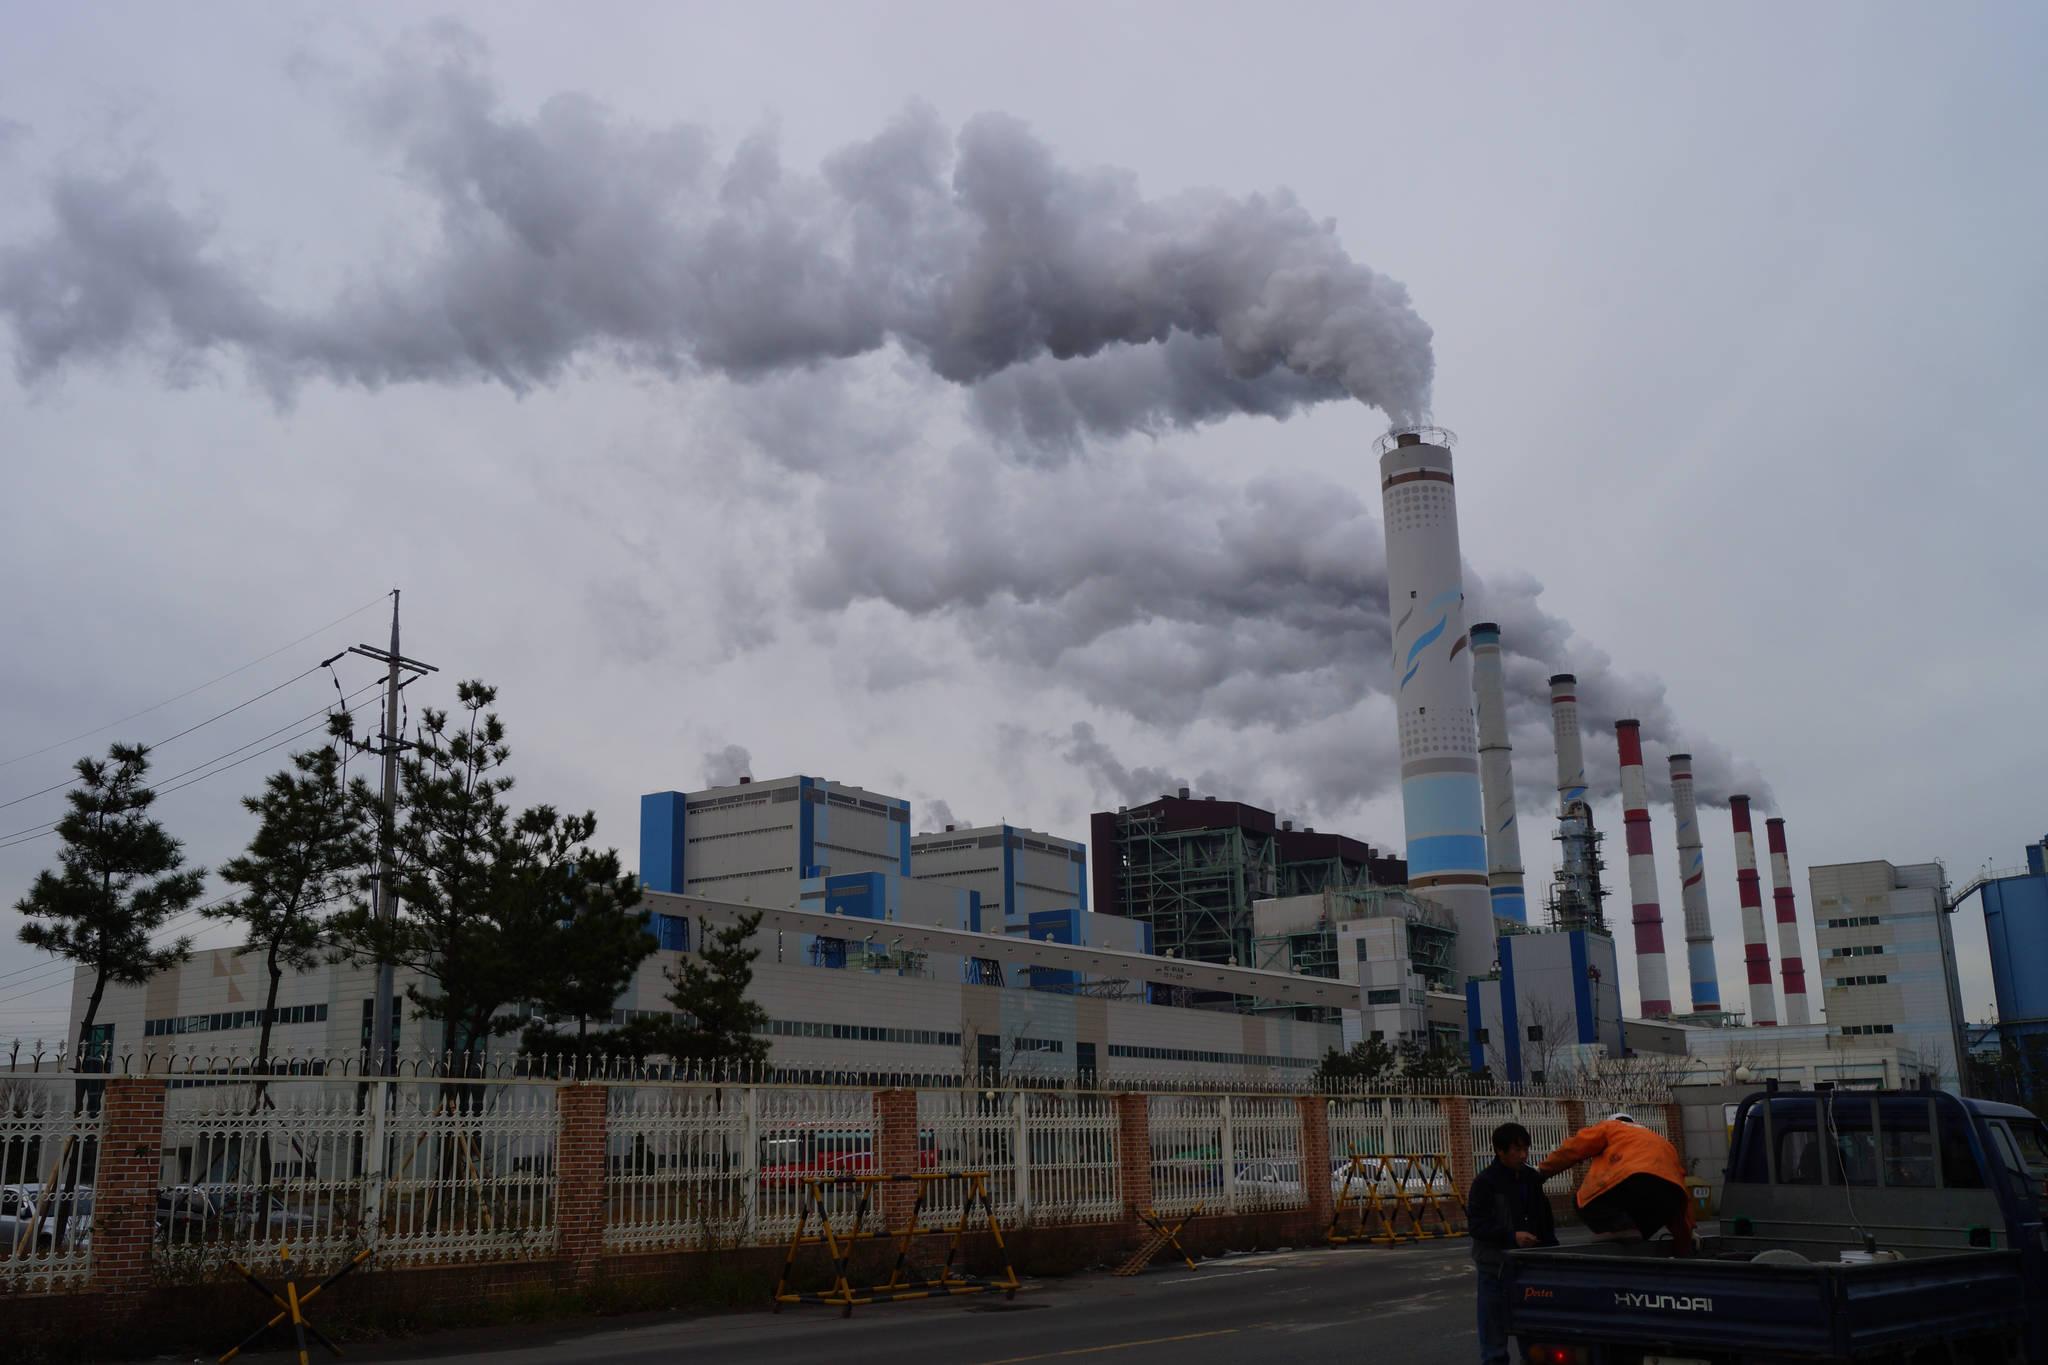 충남 보령지역의 화력발전소. 최근 석탄화력발전소에서 배출되는 미세먼지에 대한 우려가 커지고 있다. 강찬수 기자